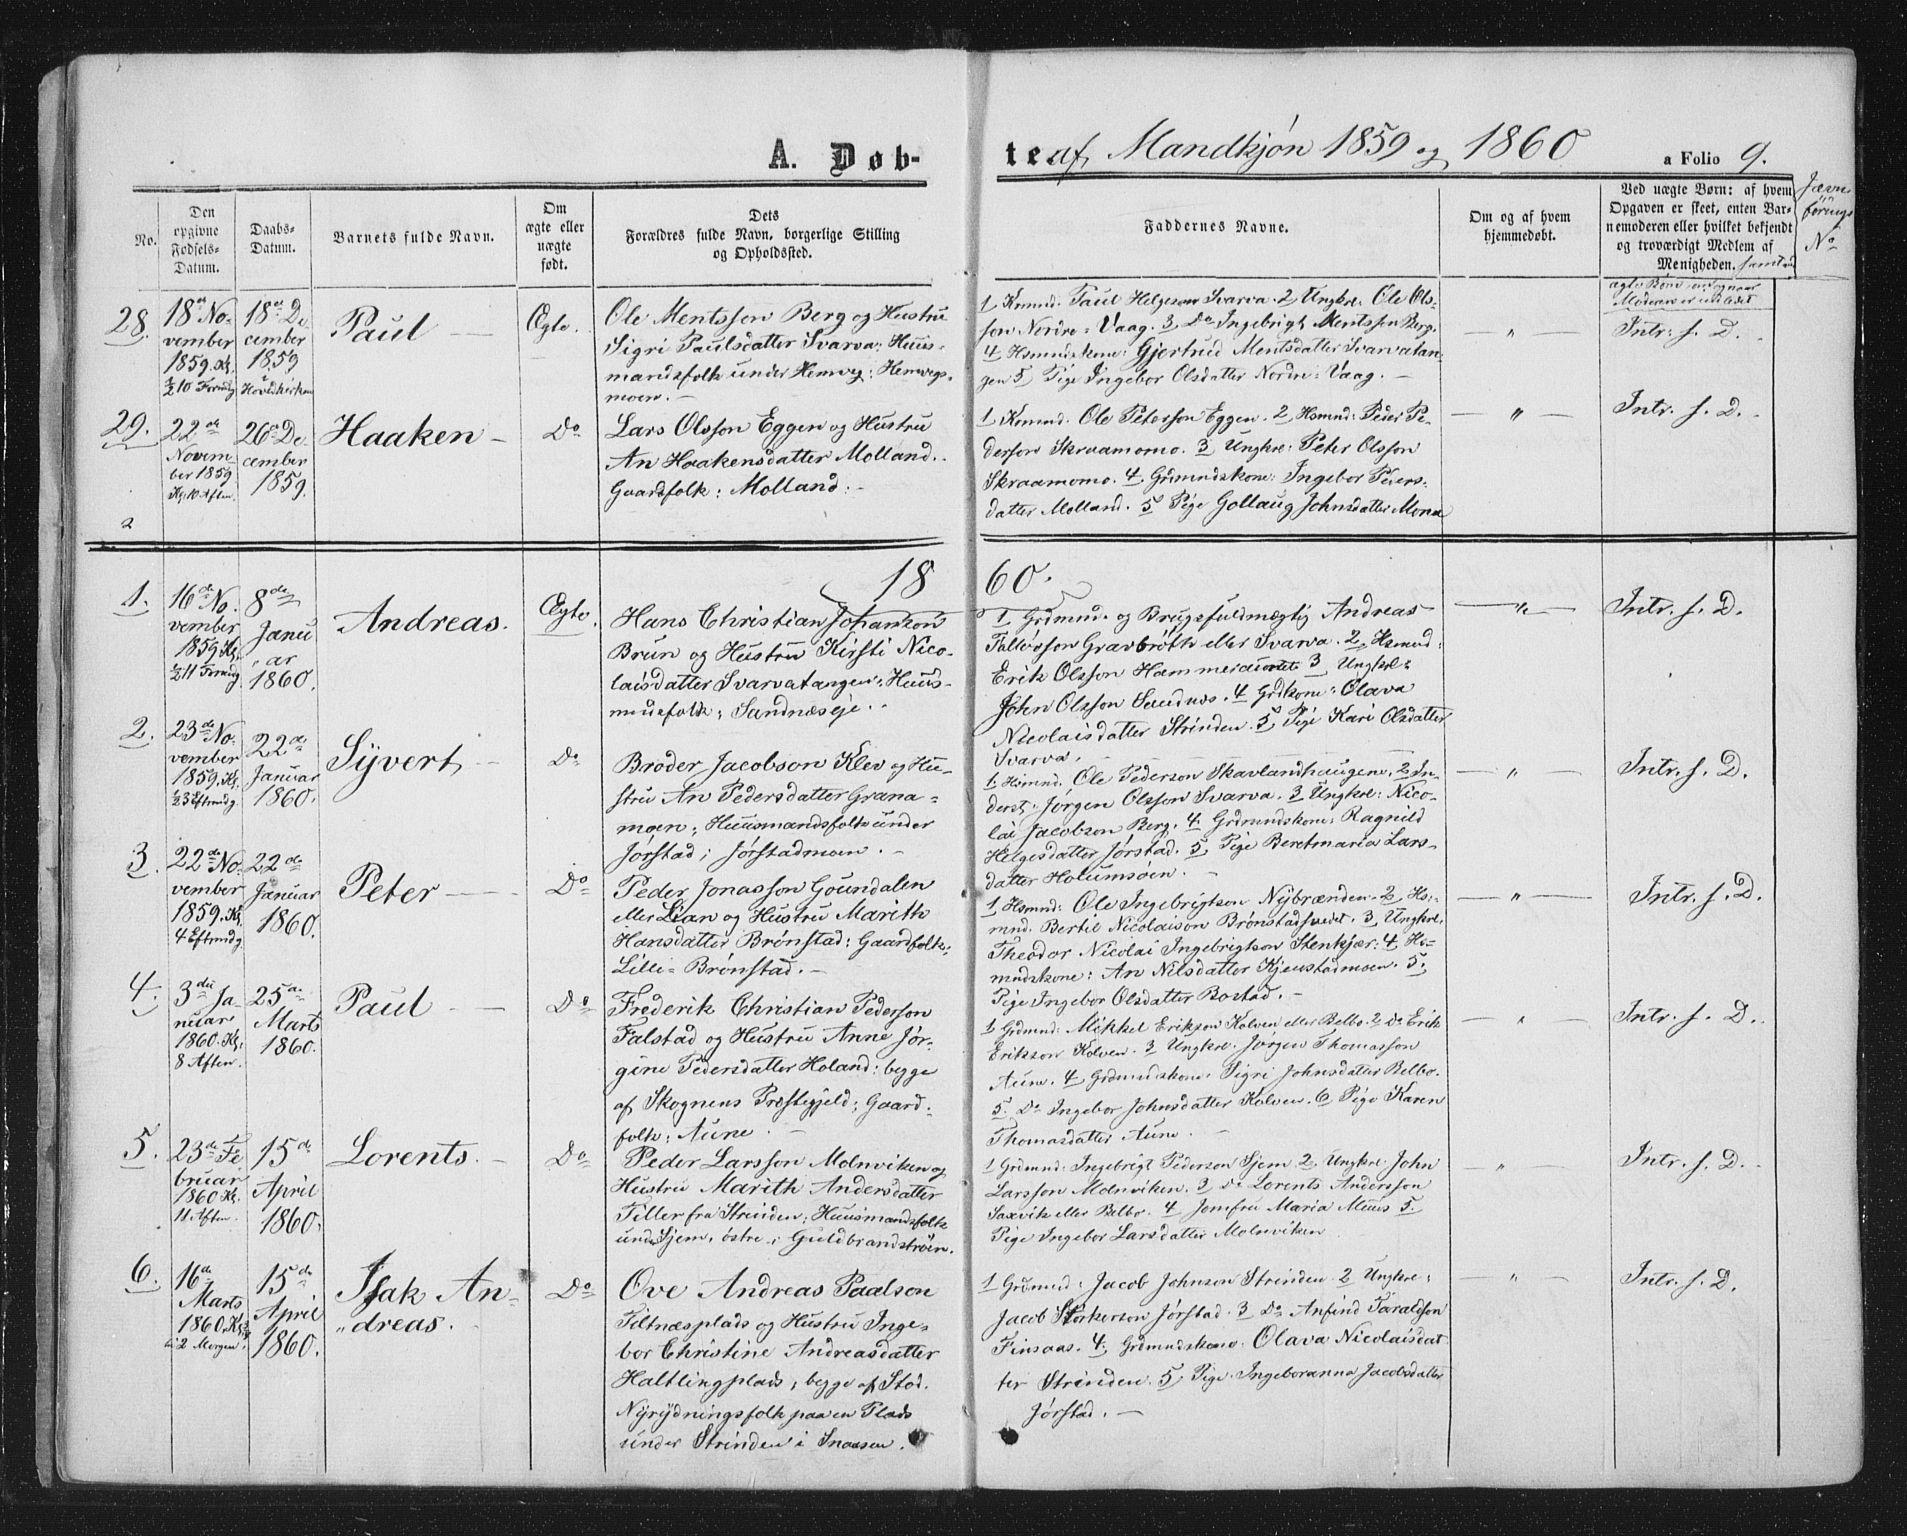 SAT, Ministerialprotokoller, klokkerbøker og fødselsregistre - Nord-Trøndelag, 749/L0472: Ministerialbok nr. 749A06, 1857-1873, s. 9